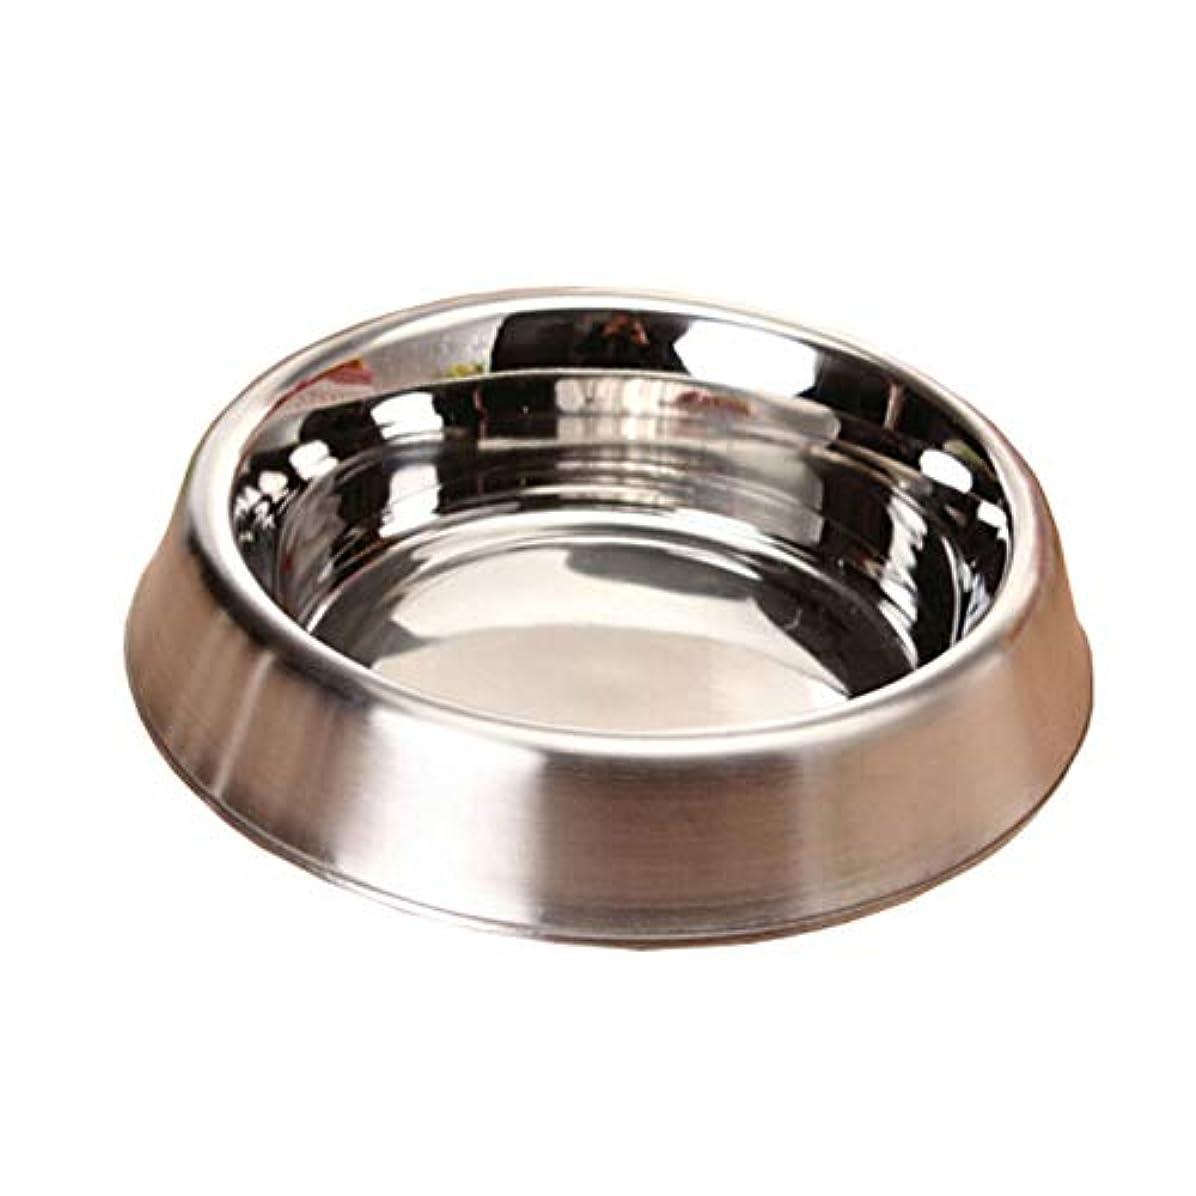 朝会員手術Xian 小型/中型/大型犬、ペットフィーダボウル、ウォーターボウル用ラバーベース付きステンレススチールドッグボウルパーフェクトチョイス Easy to Clean Non-Skid Bowls for Dogs (Size : 6.2*4.6*1.4)